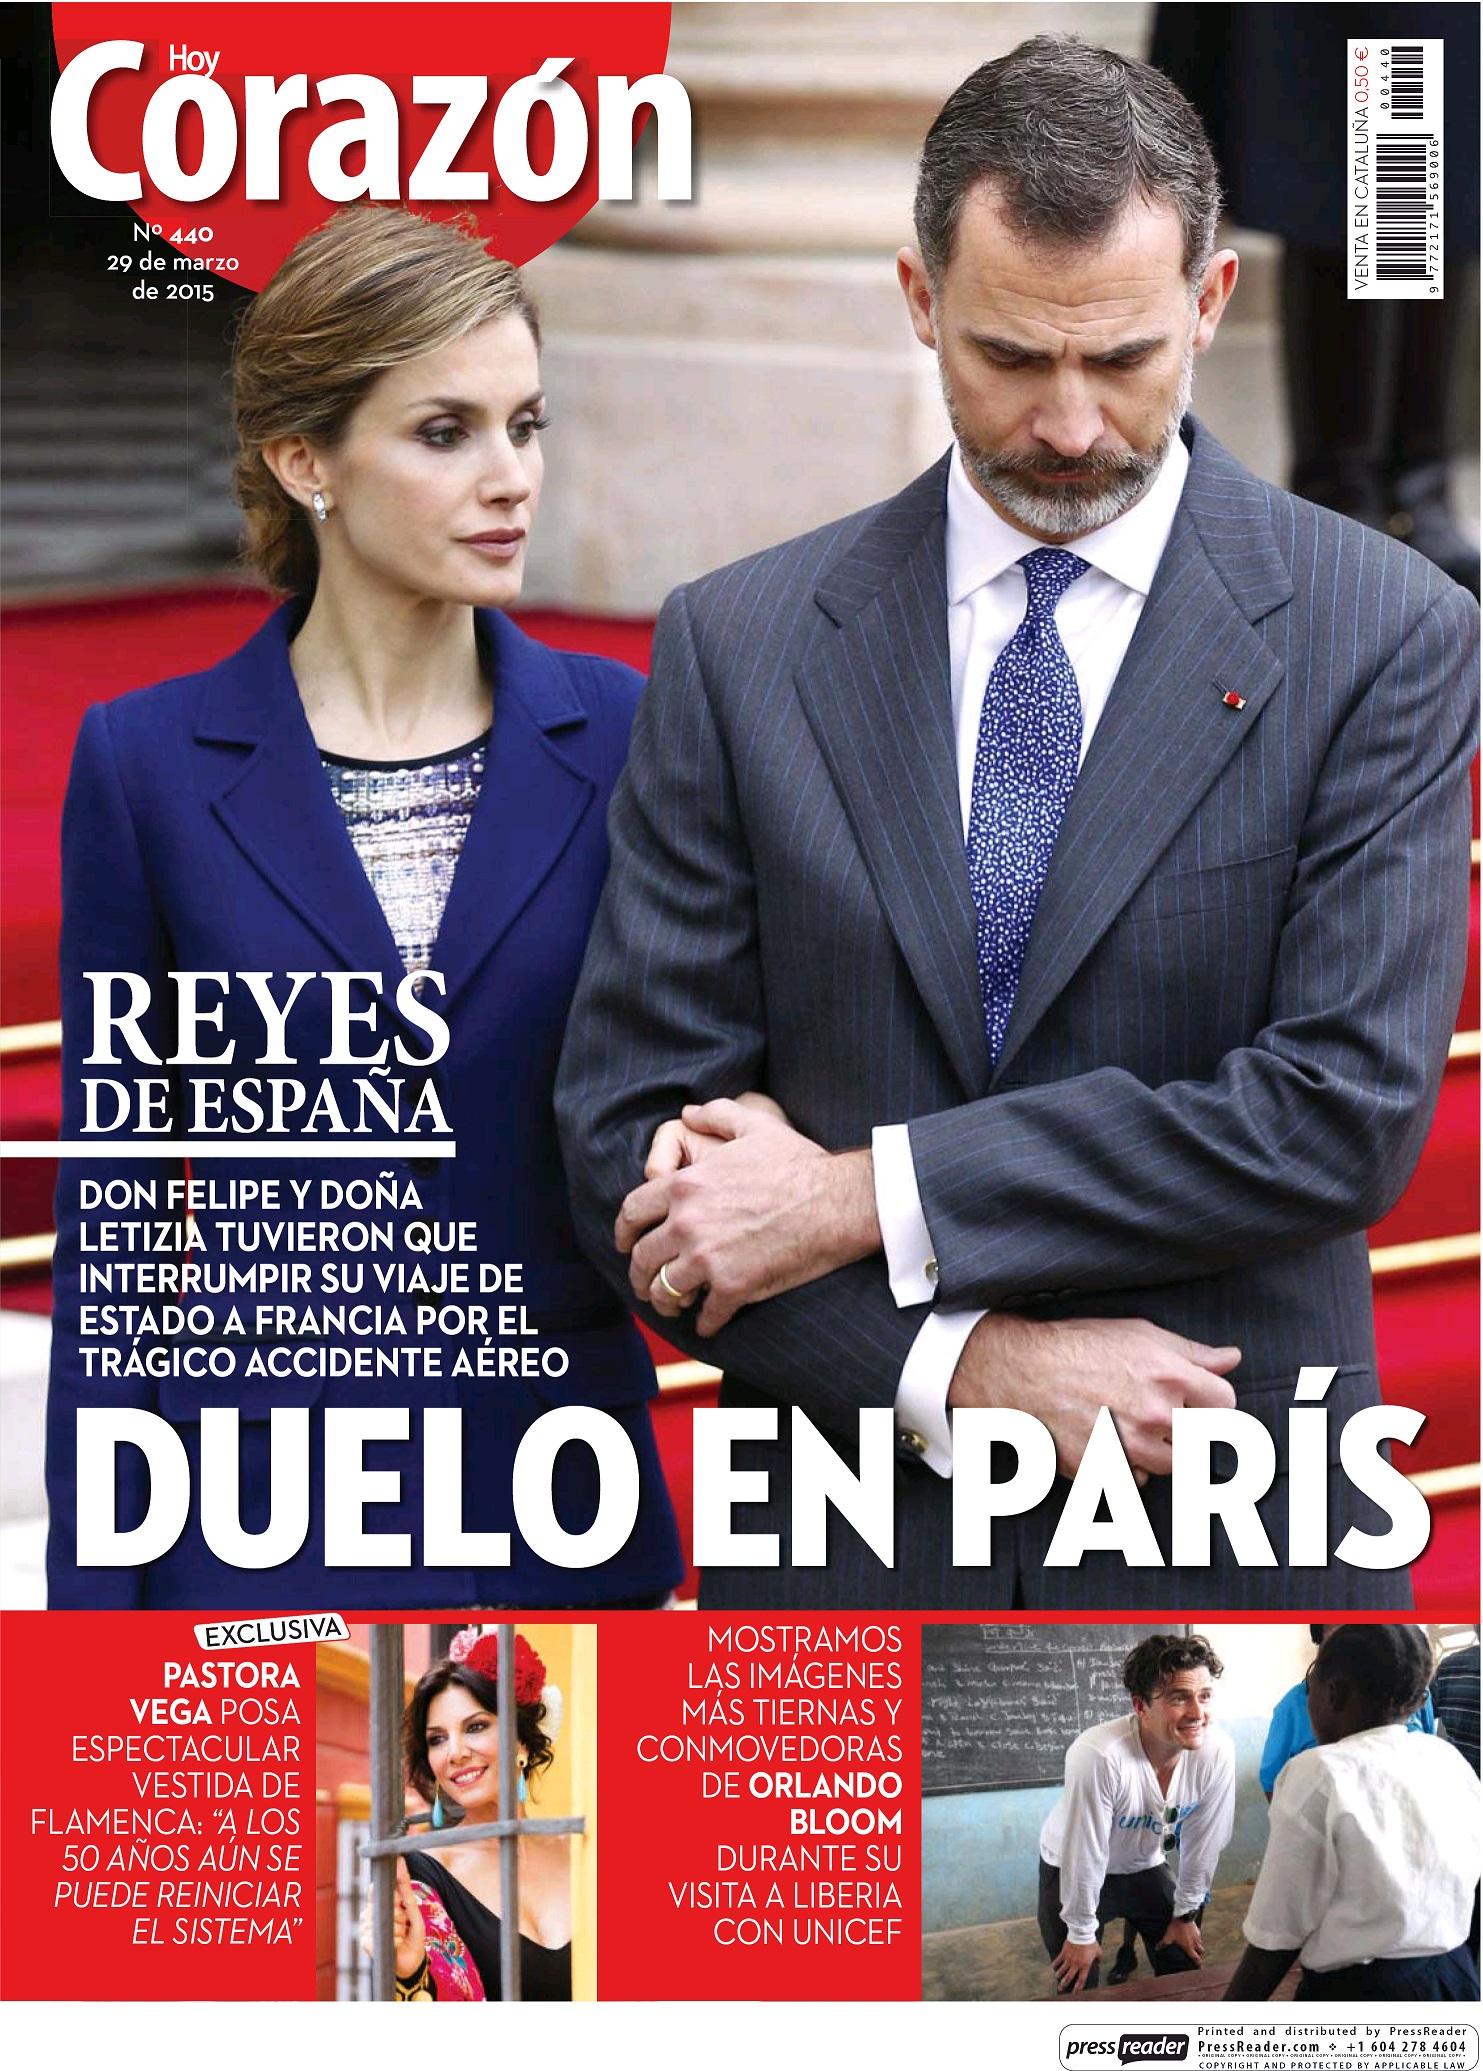 HOY CORAZON portada 25 de Marzo 2015